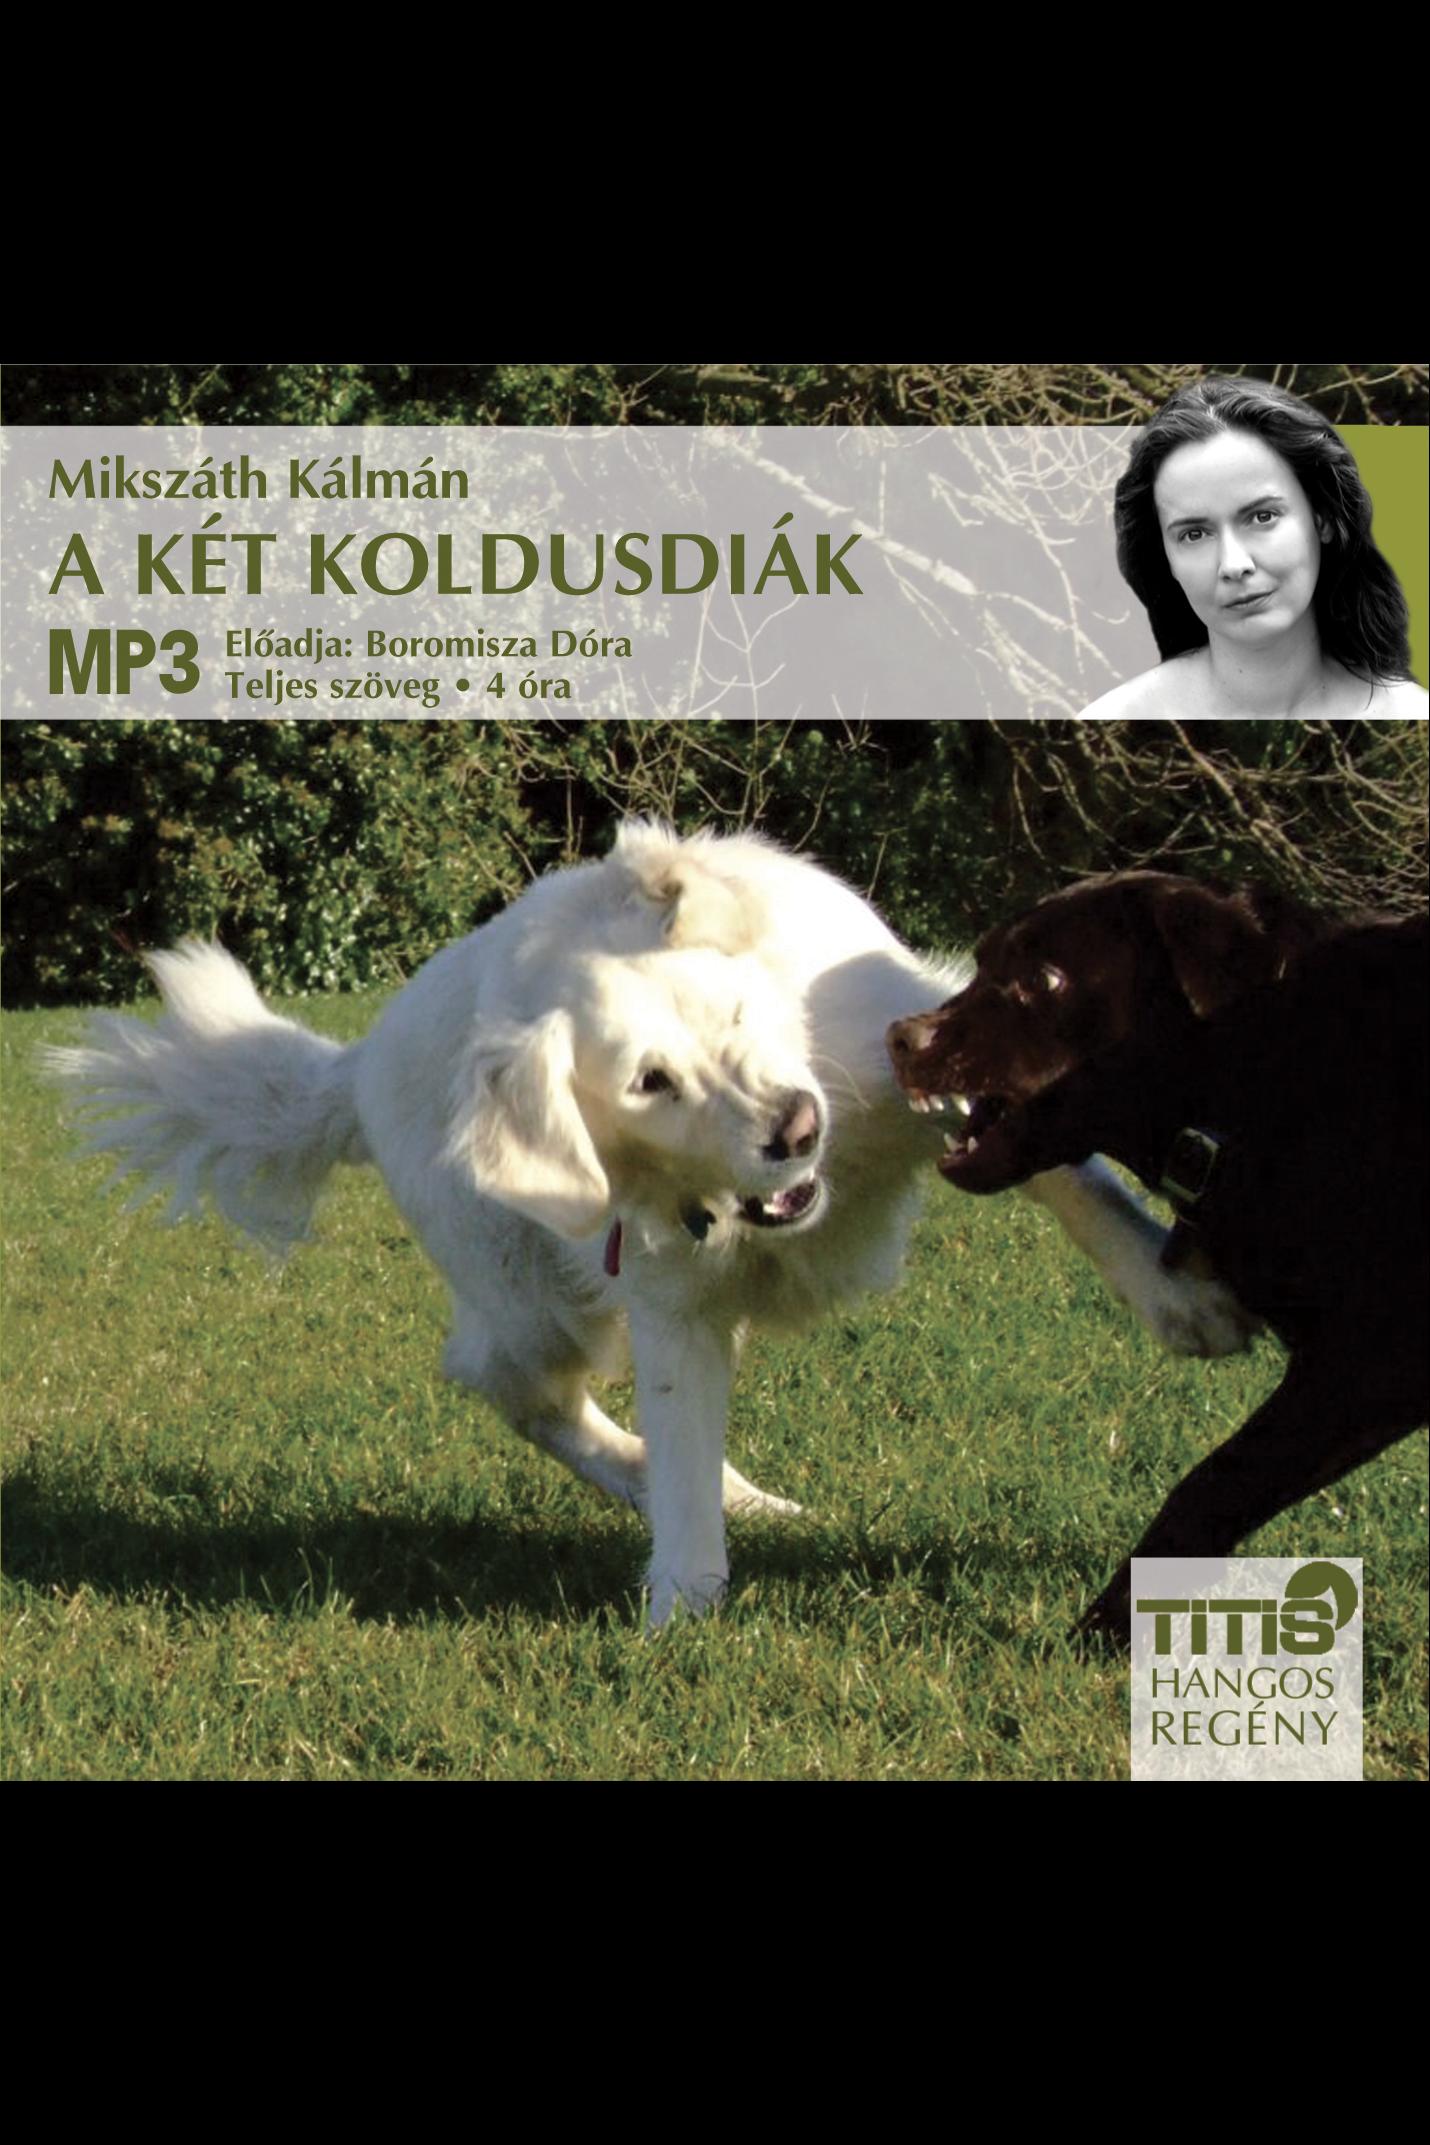 Mikszáth Kálmán: A két koldusdiák